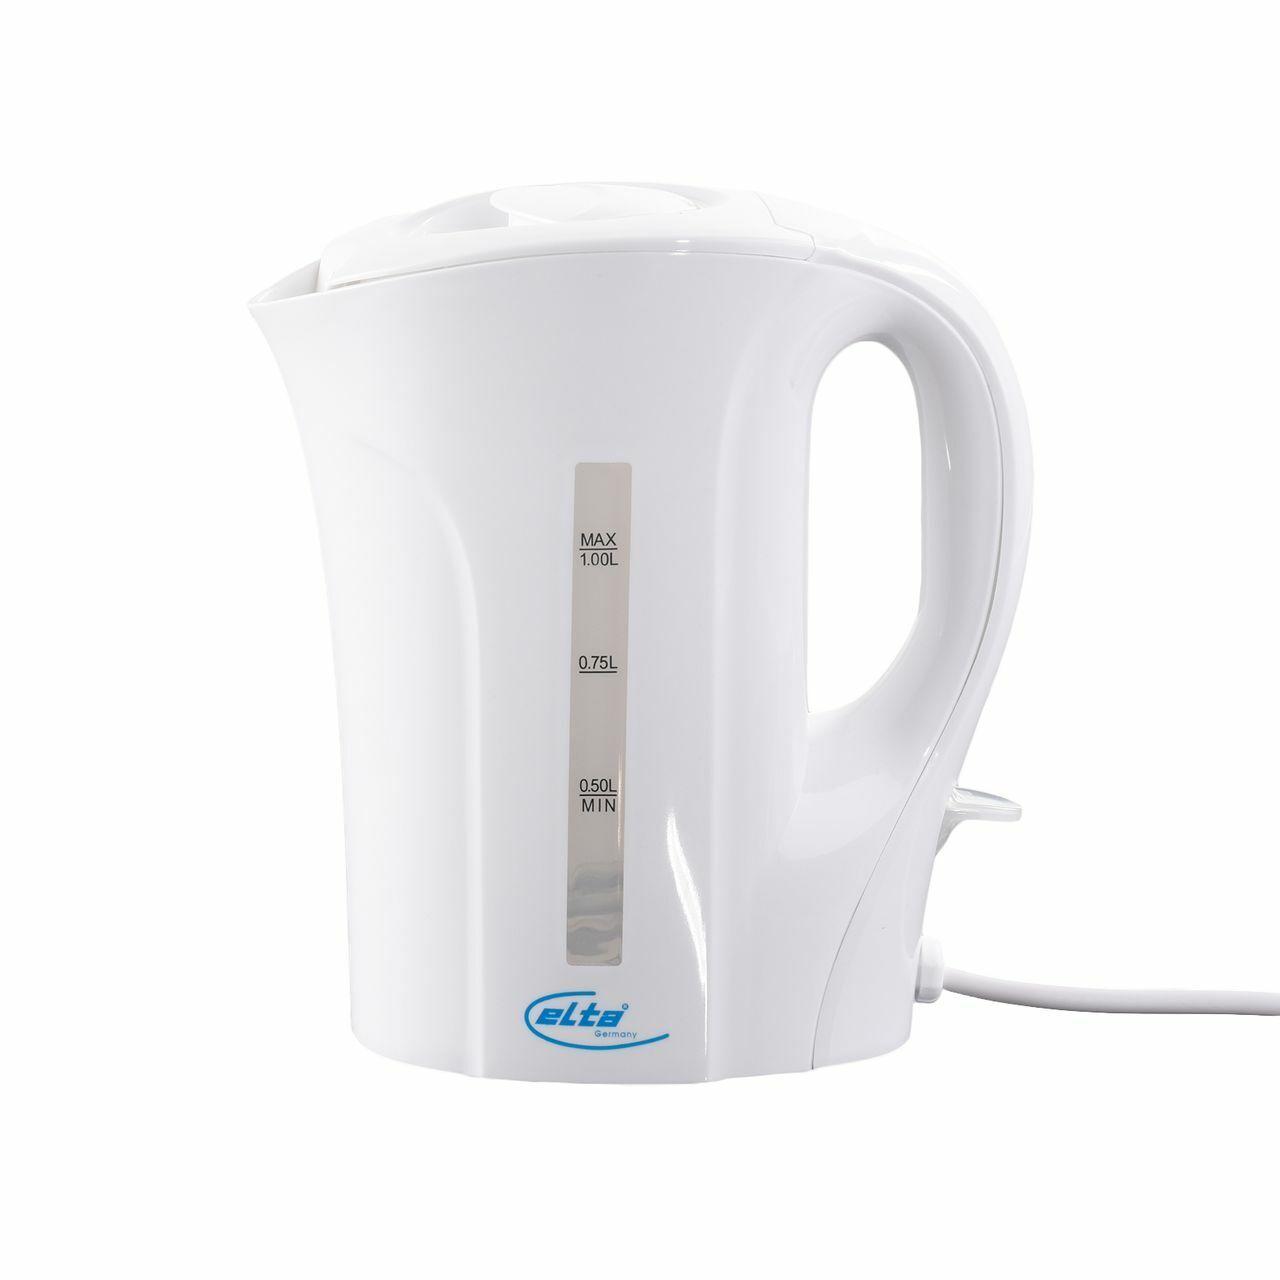 Elta  Wasserkocher, 1,0 Liter, Kunststoff 800-1000 W, Weiß